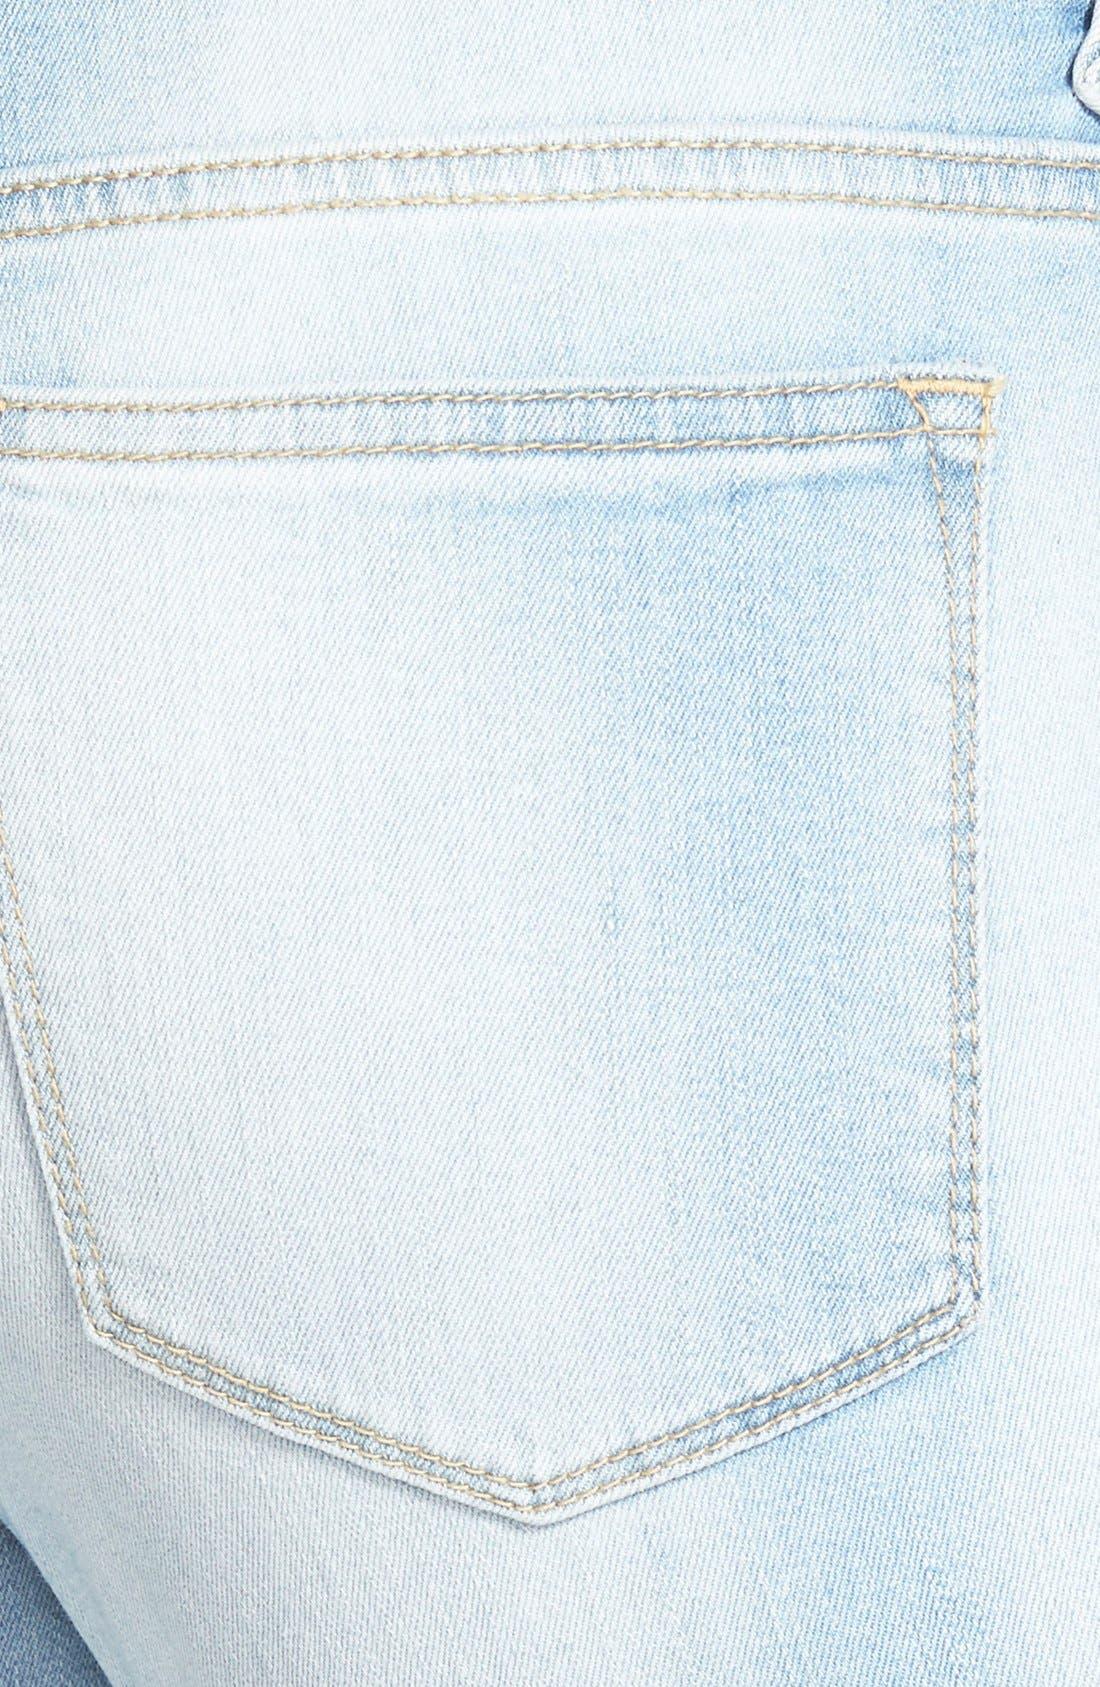 Alternate Image 3  - SP Black Distressed Crop Skinny Jeans (Light Wash)